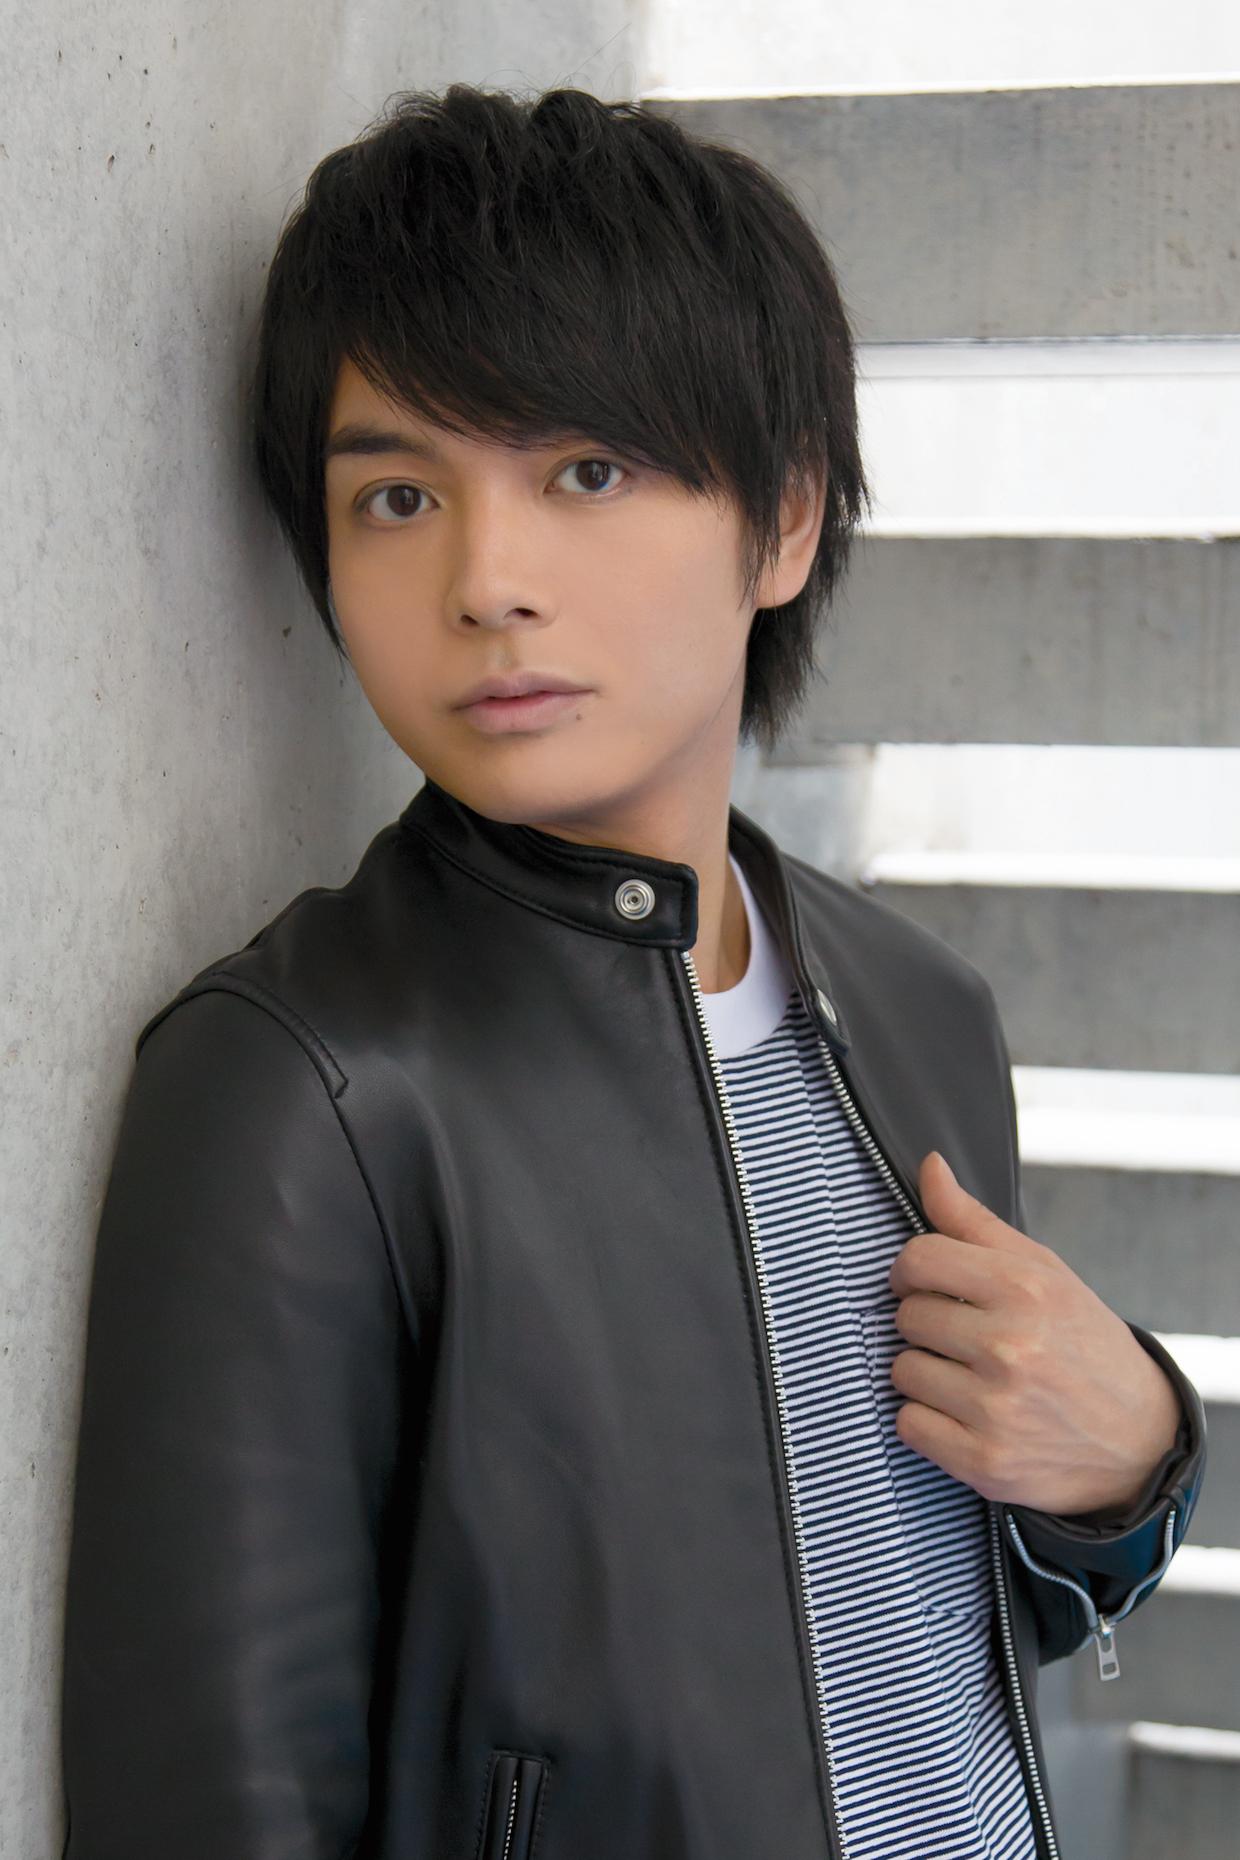 アニメ「古見さんは、コミュ症です。」声優・榎木淳弥さんらがキャラの弟&妹役に決定!